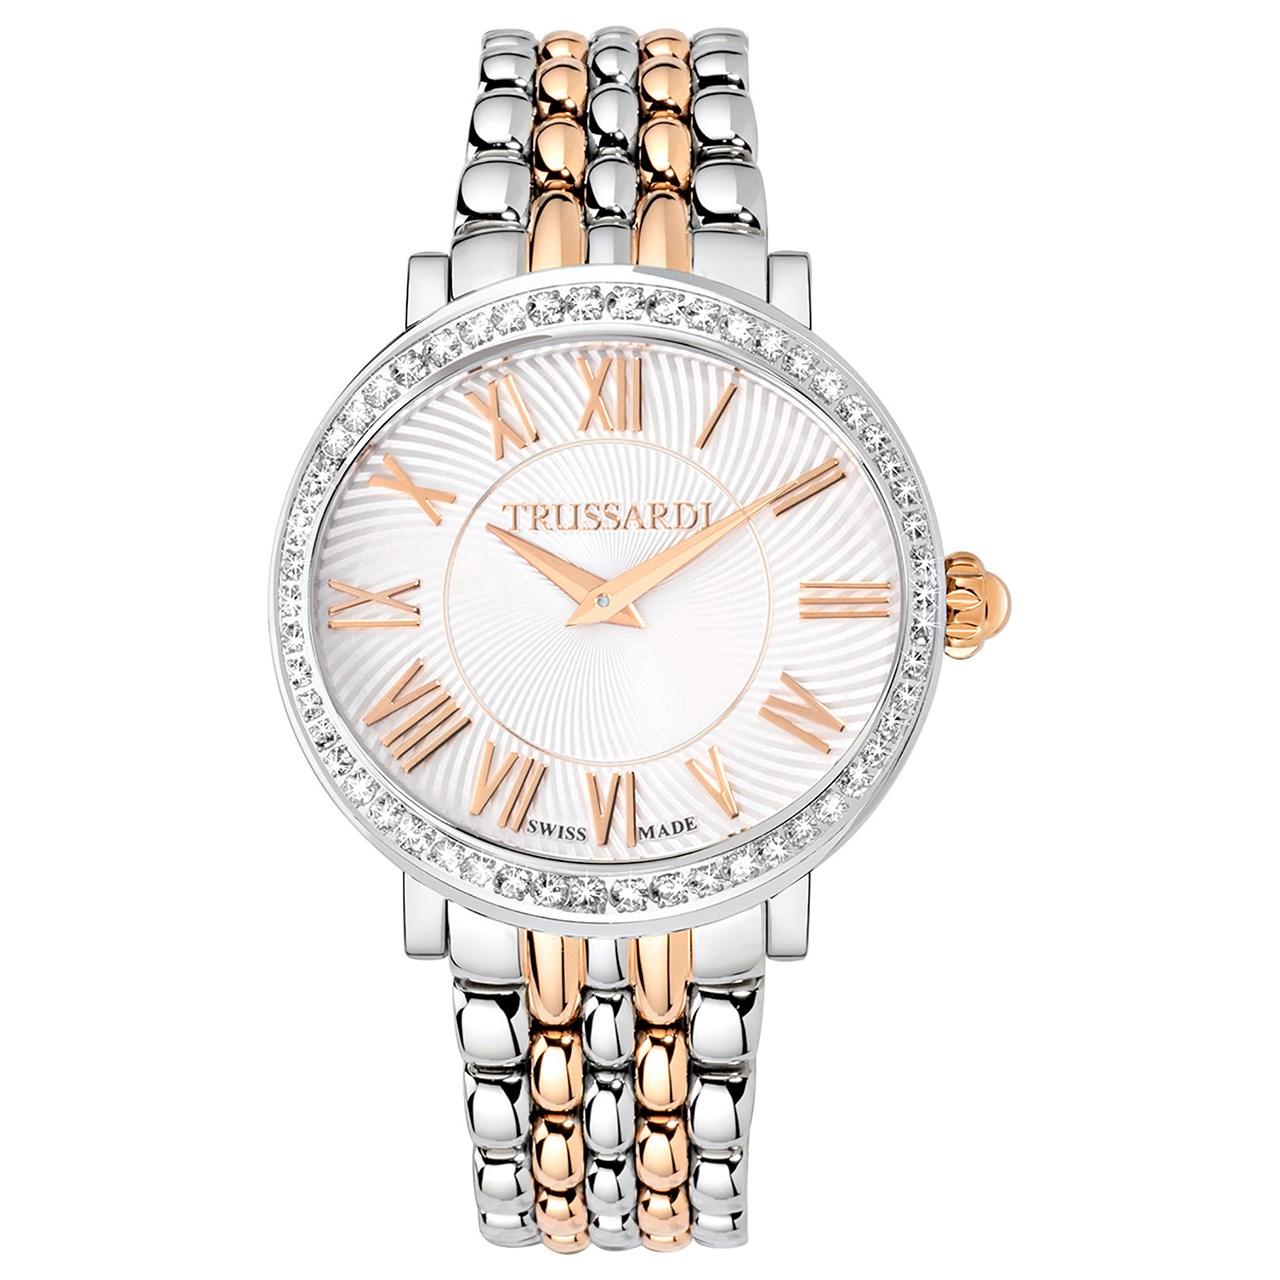 خرید ساعت مچی عقربه ای زنانه تروساردی مدل TR-R2453106504